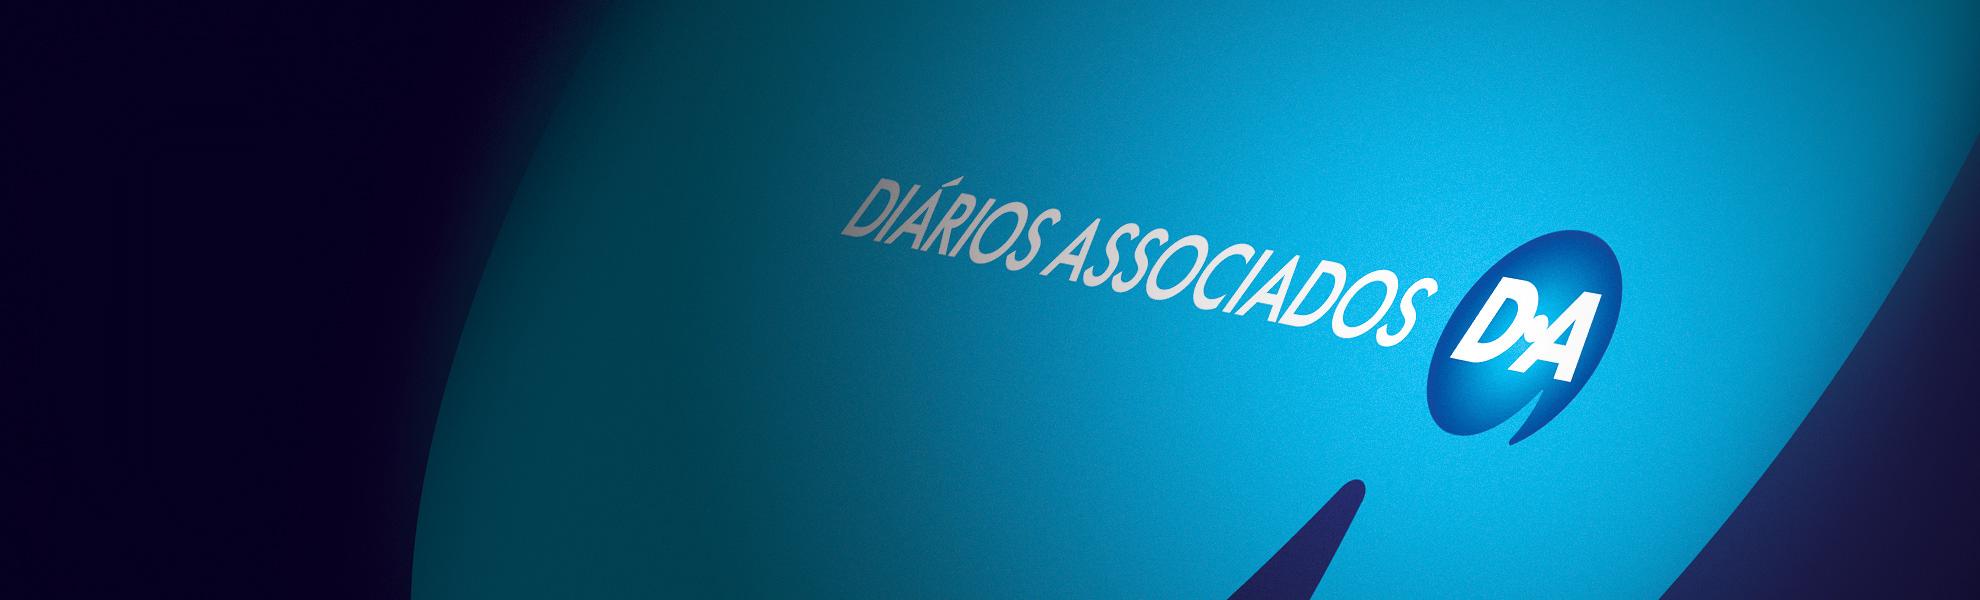 chelles-e-hayashi-design-portfolio-diarios-associados-redesign-marca-identidade-visual- linguagem-grafico